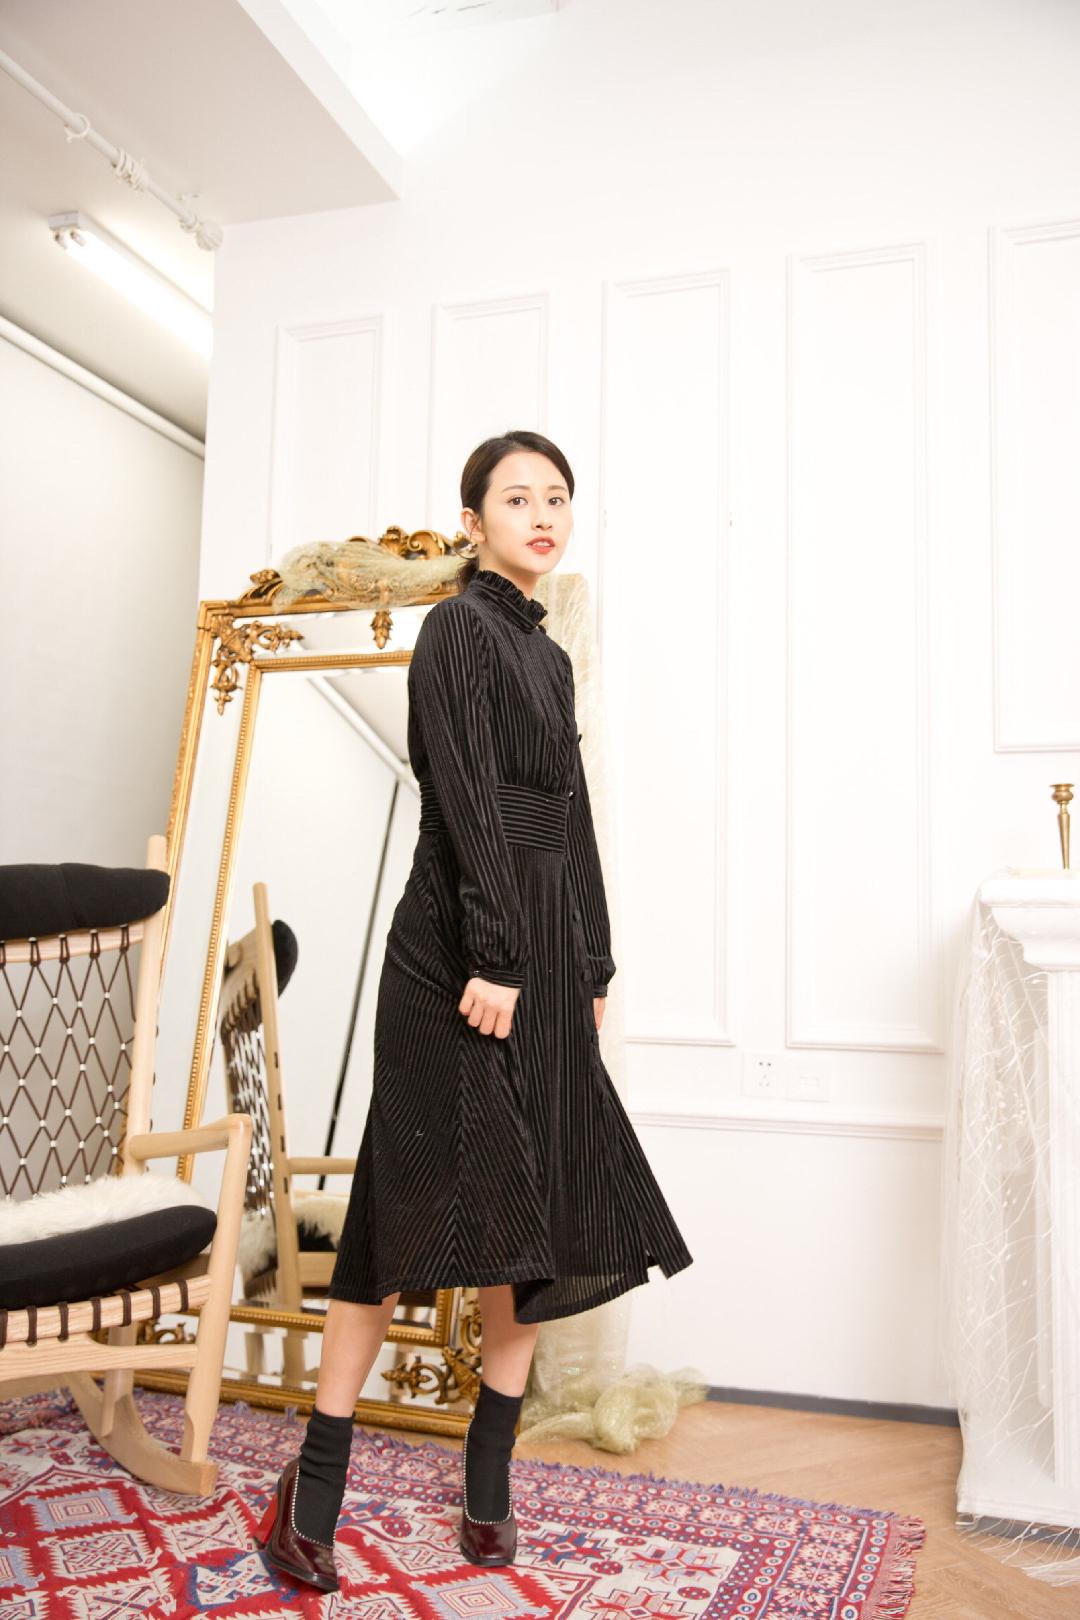 冬天出去约会吃饭不知道穿什么? 简单一条有设计感的连衣裙就很优雅漂亮了❤️ 黑色的裙子 特别有高级感 而且这裙子的反光丝绒材质 很显气质☺️ 连衣裙: ZEAL SOUL